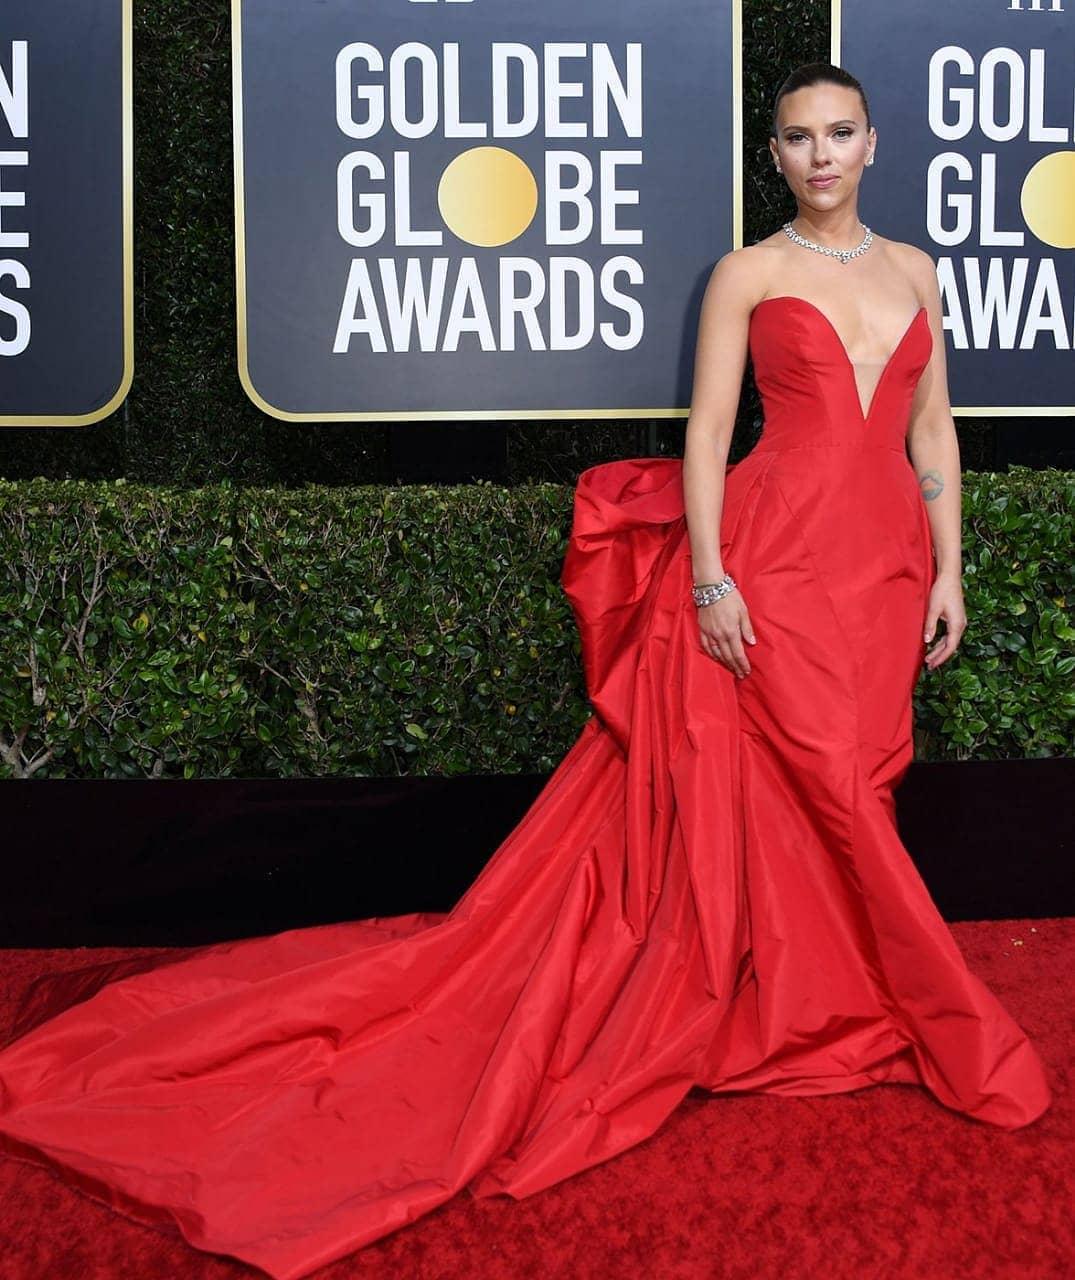 golden globes 2020 metro s top 10 best dressed 0